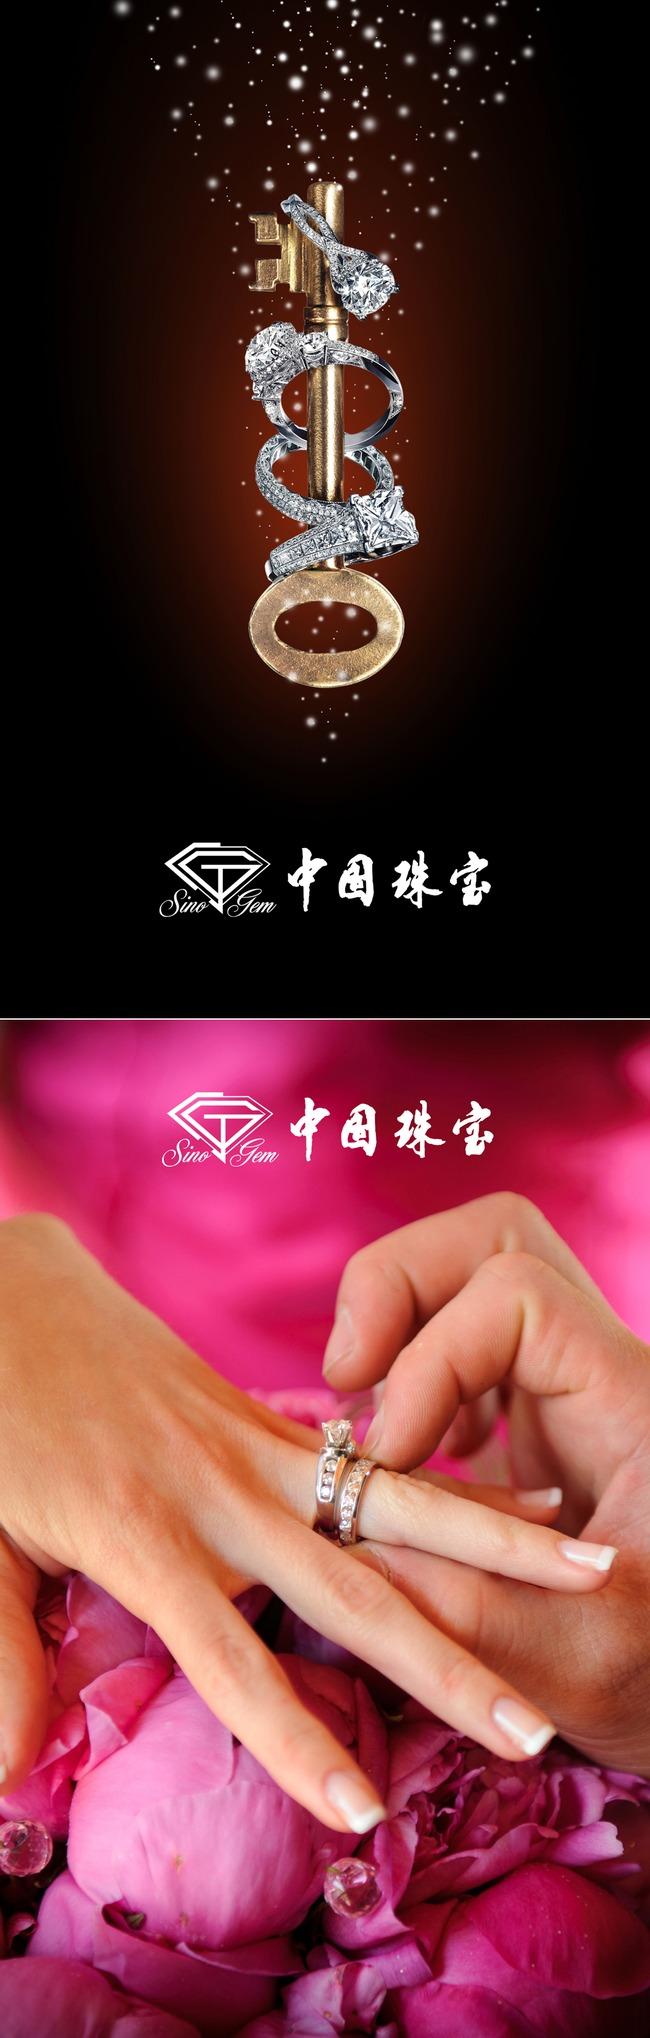 珠宝首饰设计创新展板珠宝首饰海报模板